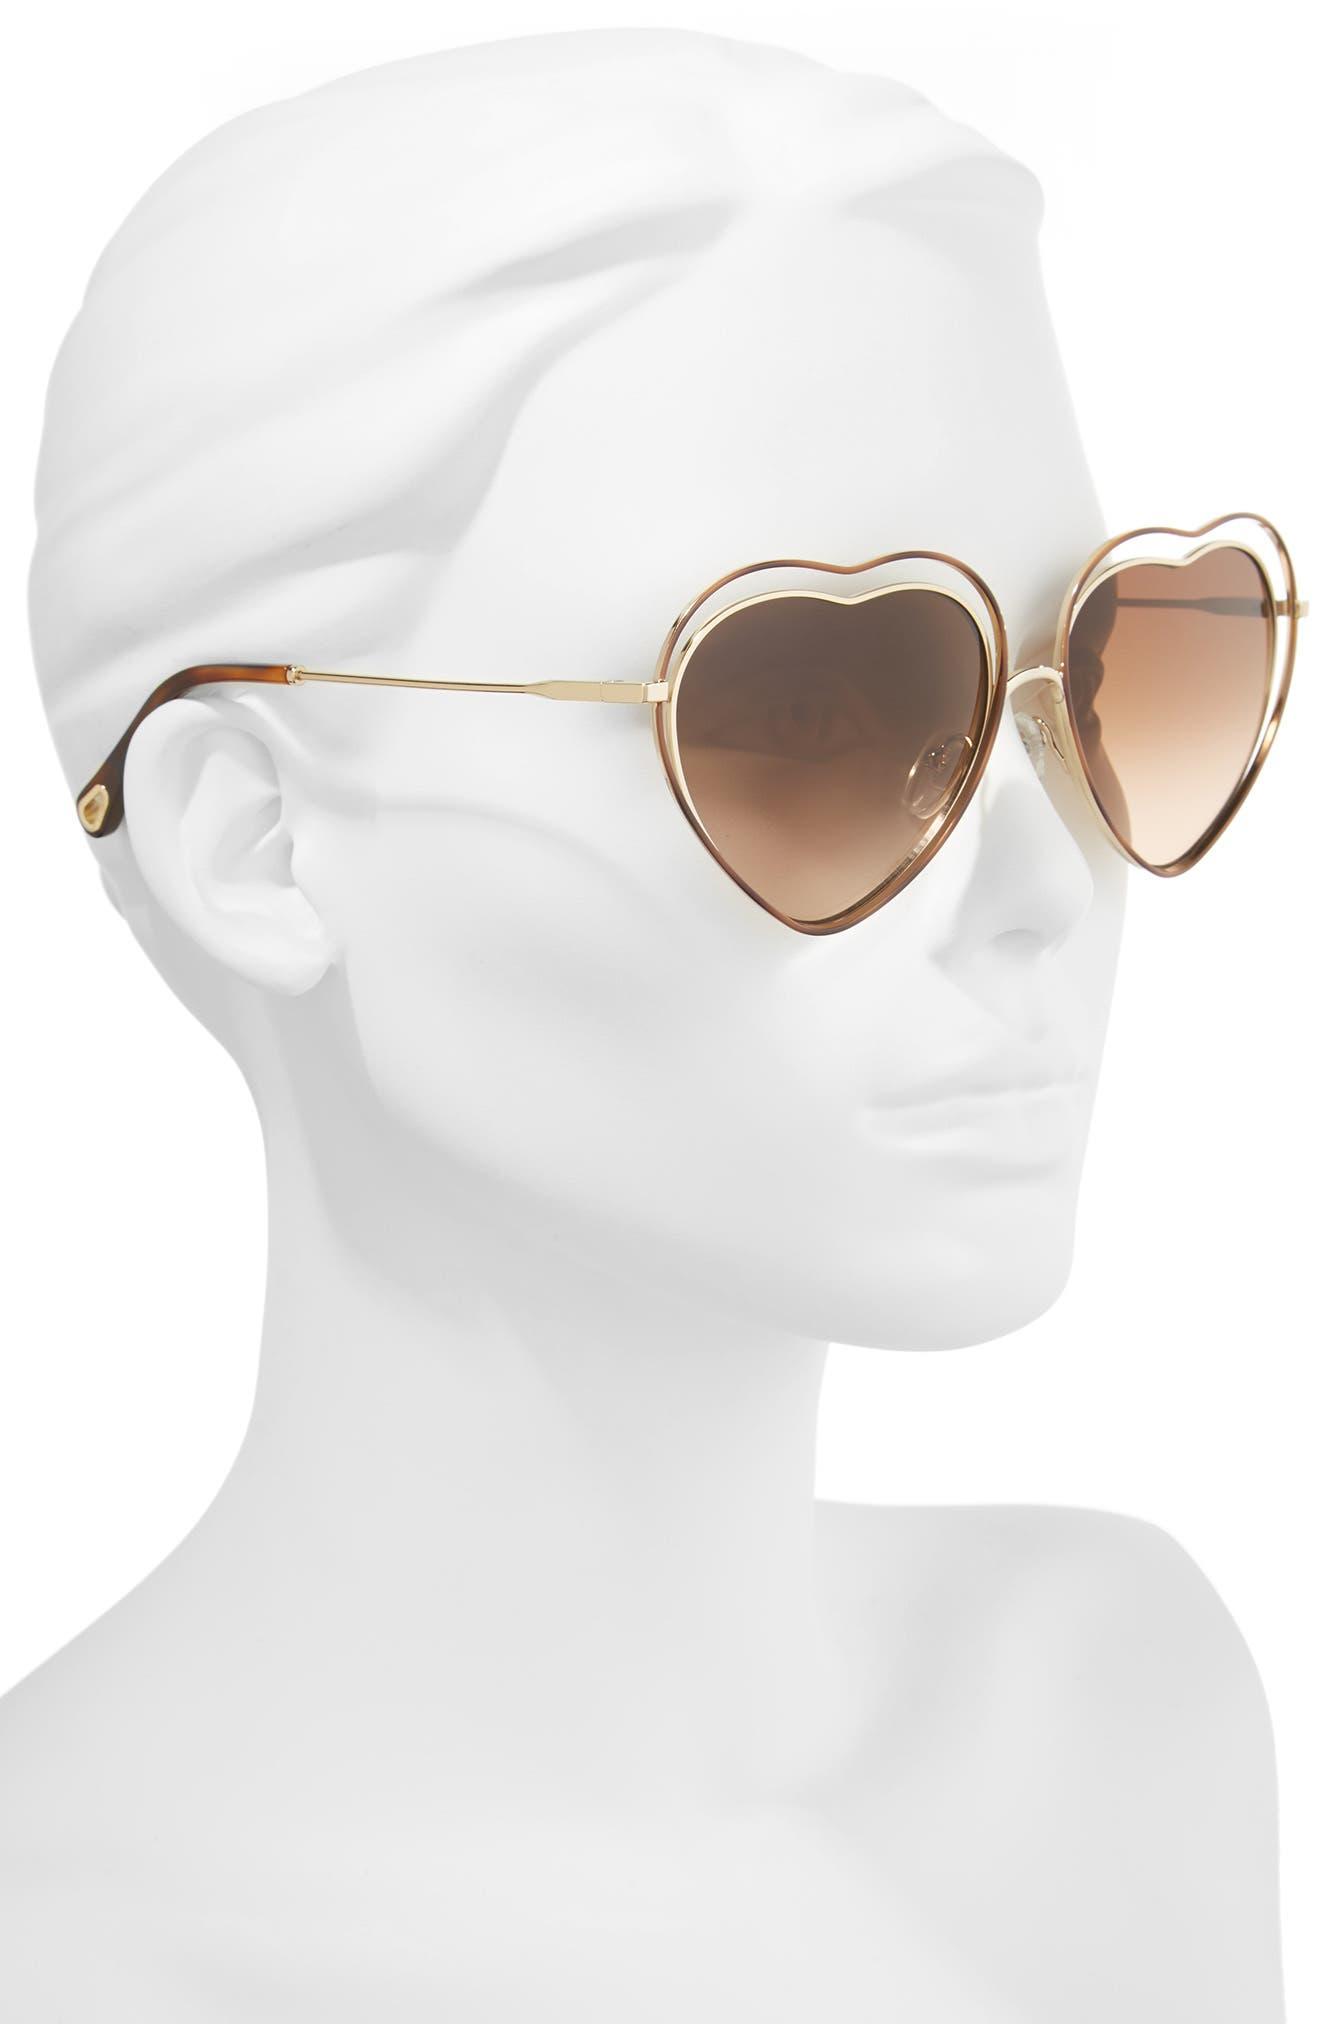 Poppy Love Heart Sunglasses,                             Alternate thumbnail 2, color,                             Havana Brown